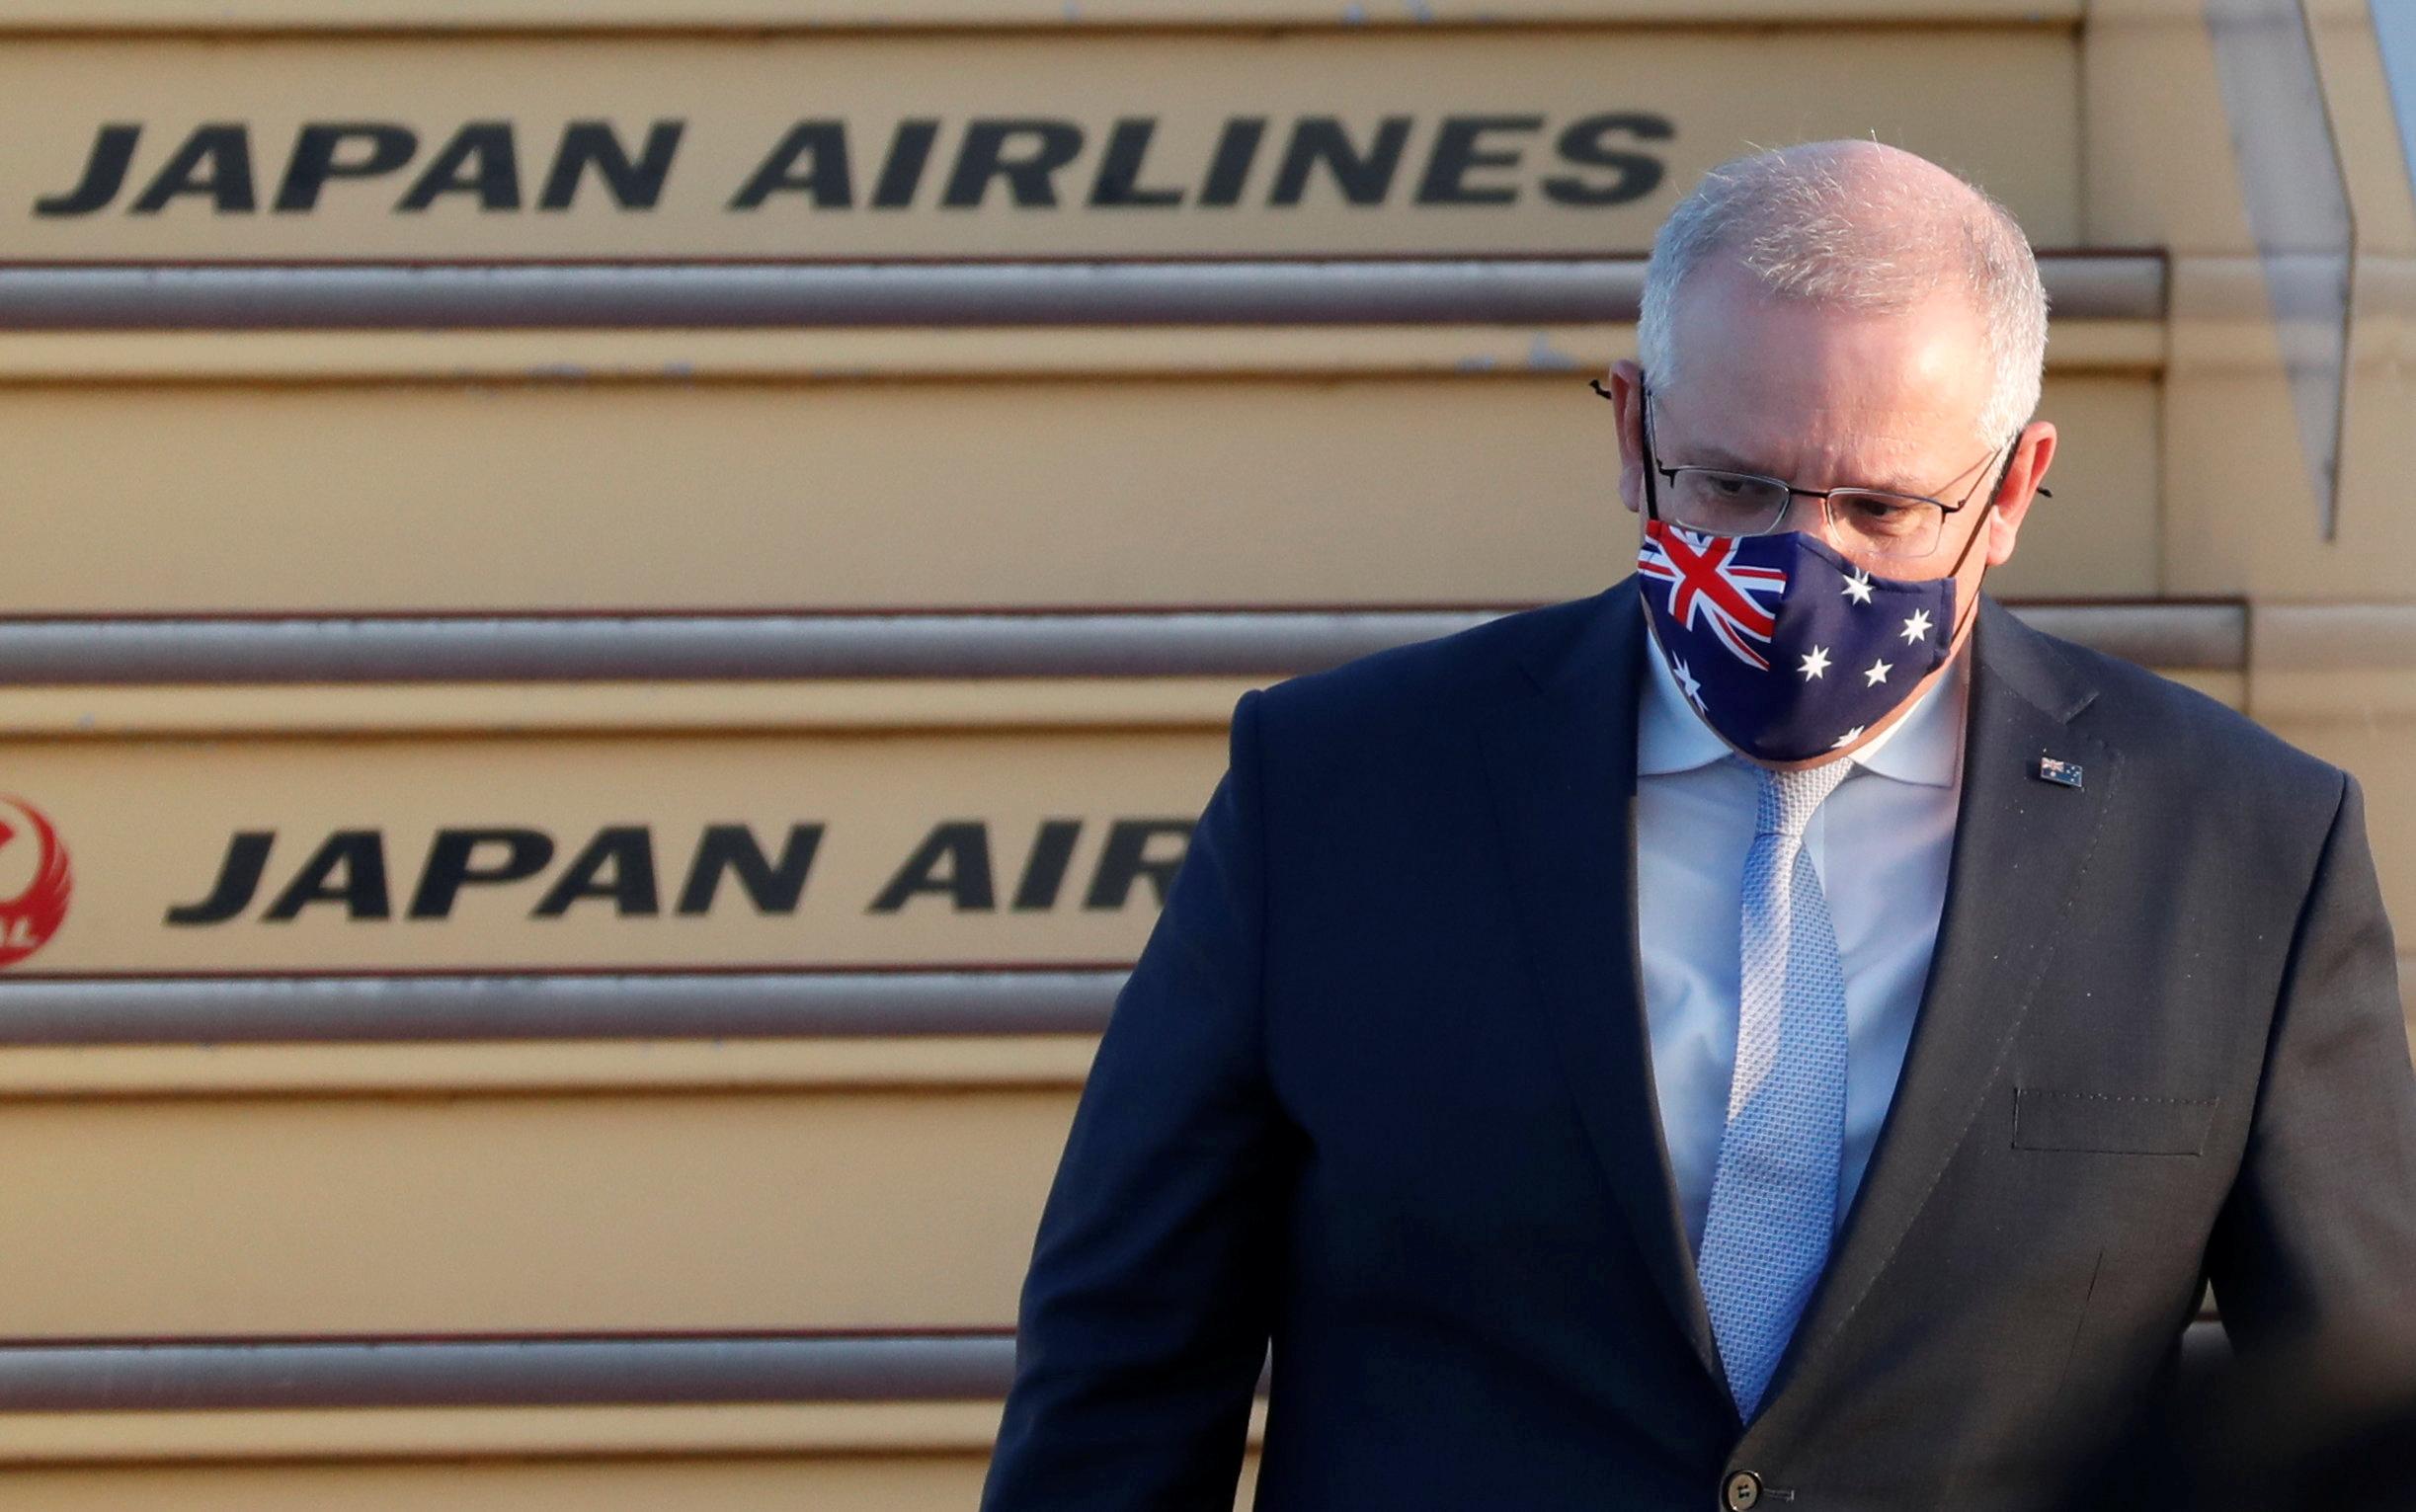 Australian Prime Minister Scott Morrison arrives at Haneda airport in Tokyo, Japan, November 17, 2020.  REUTERS/Issei Kato